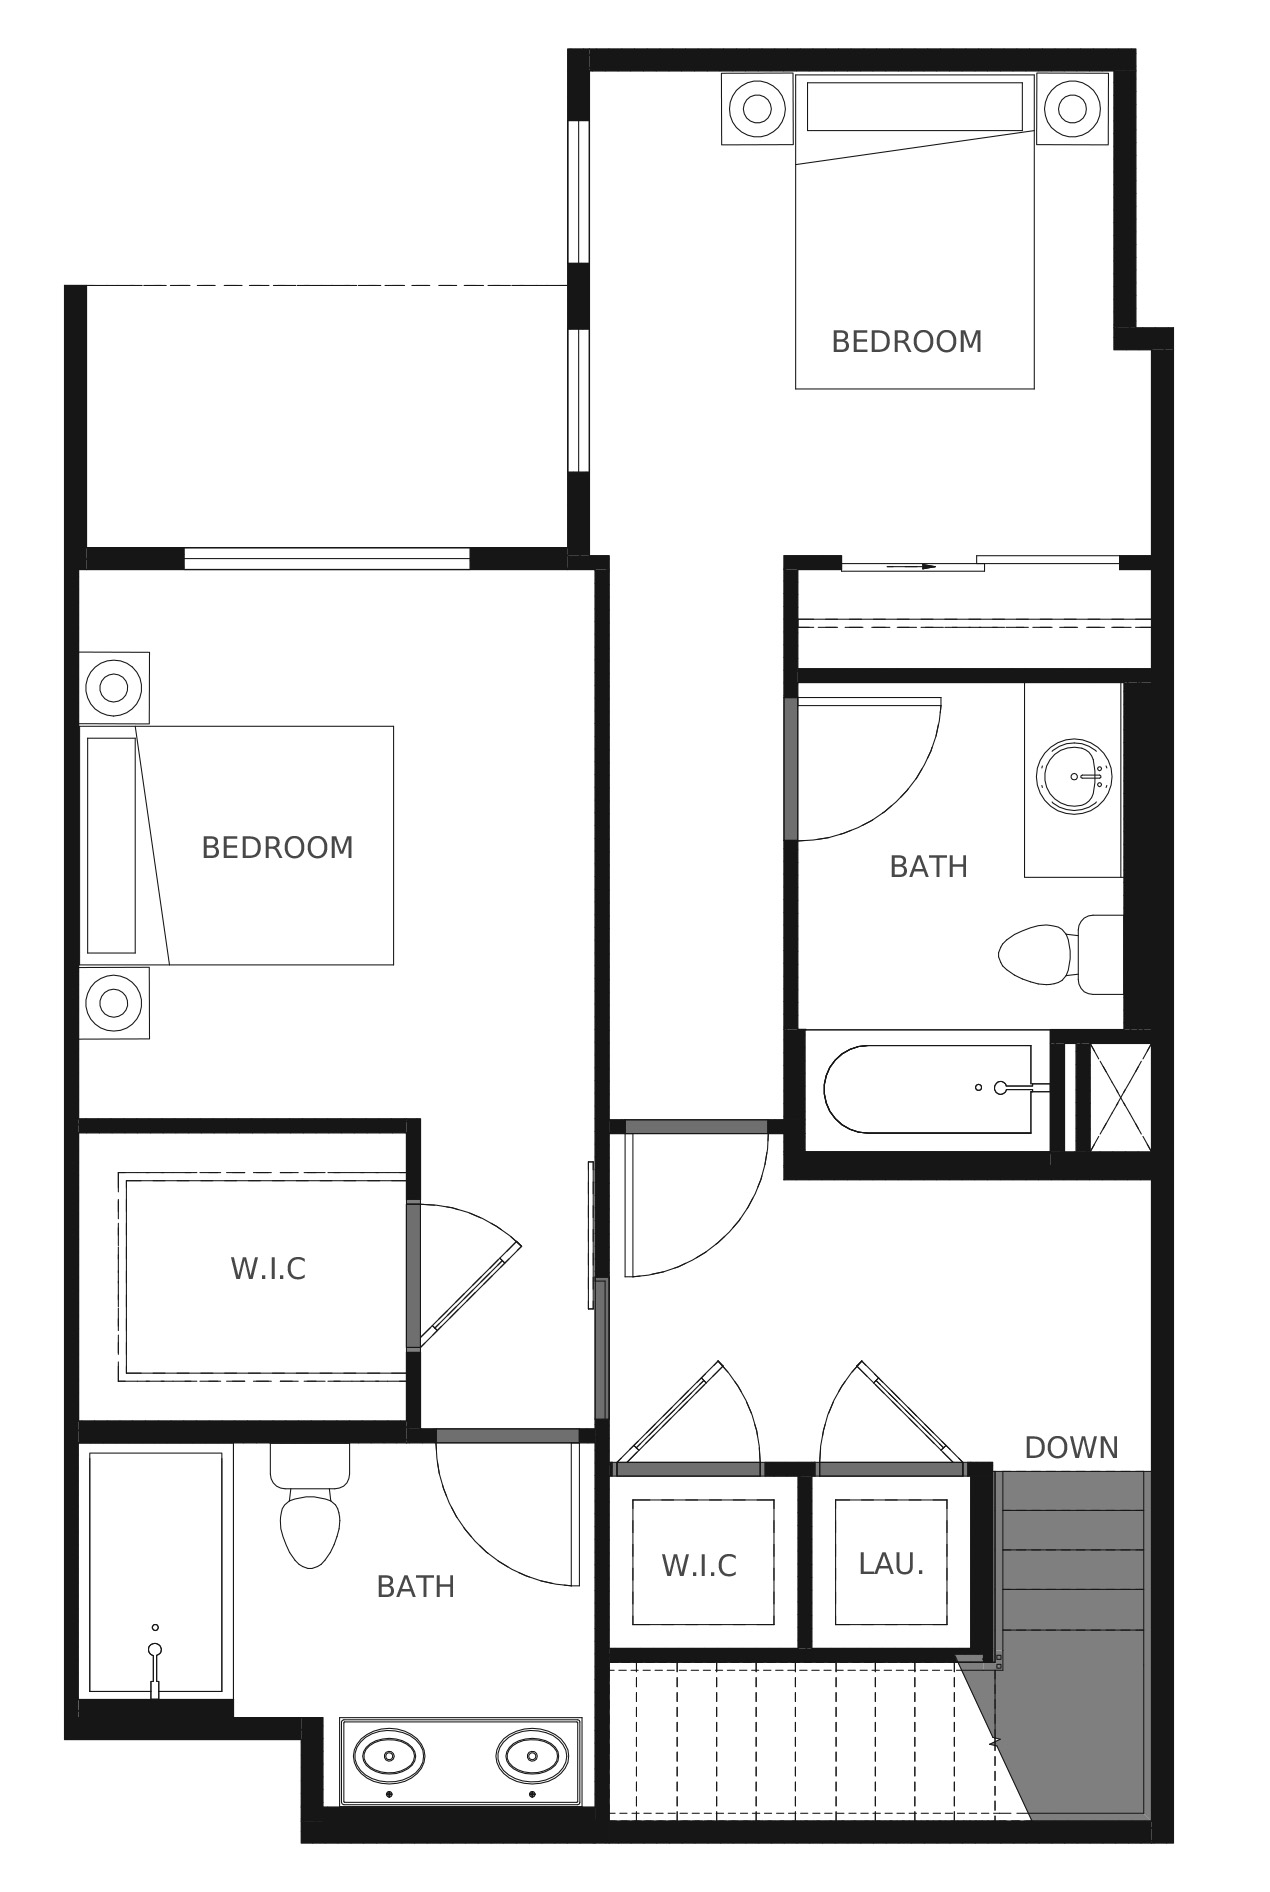 Plan C4b Second Floor - 1,356 sq. ft.